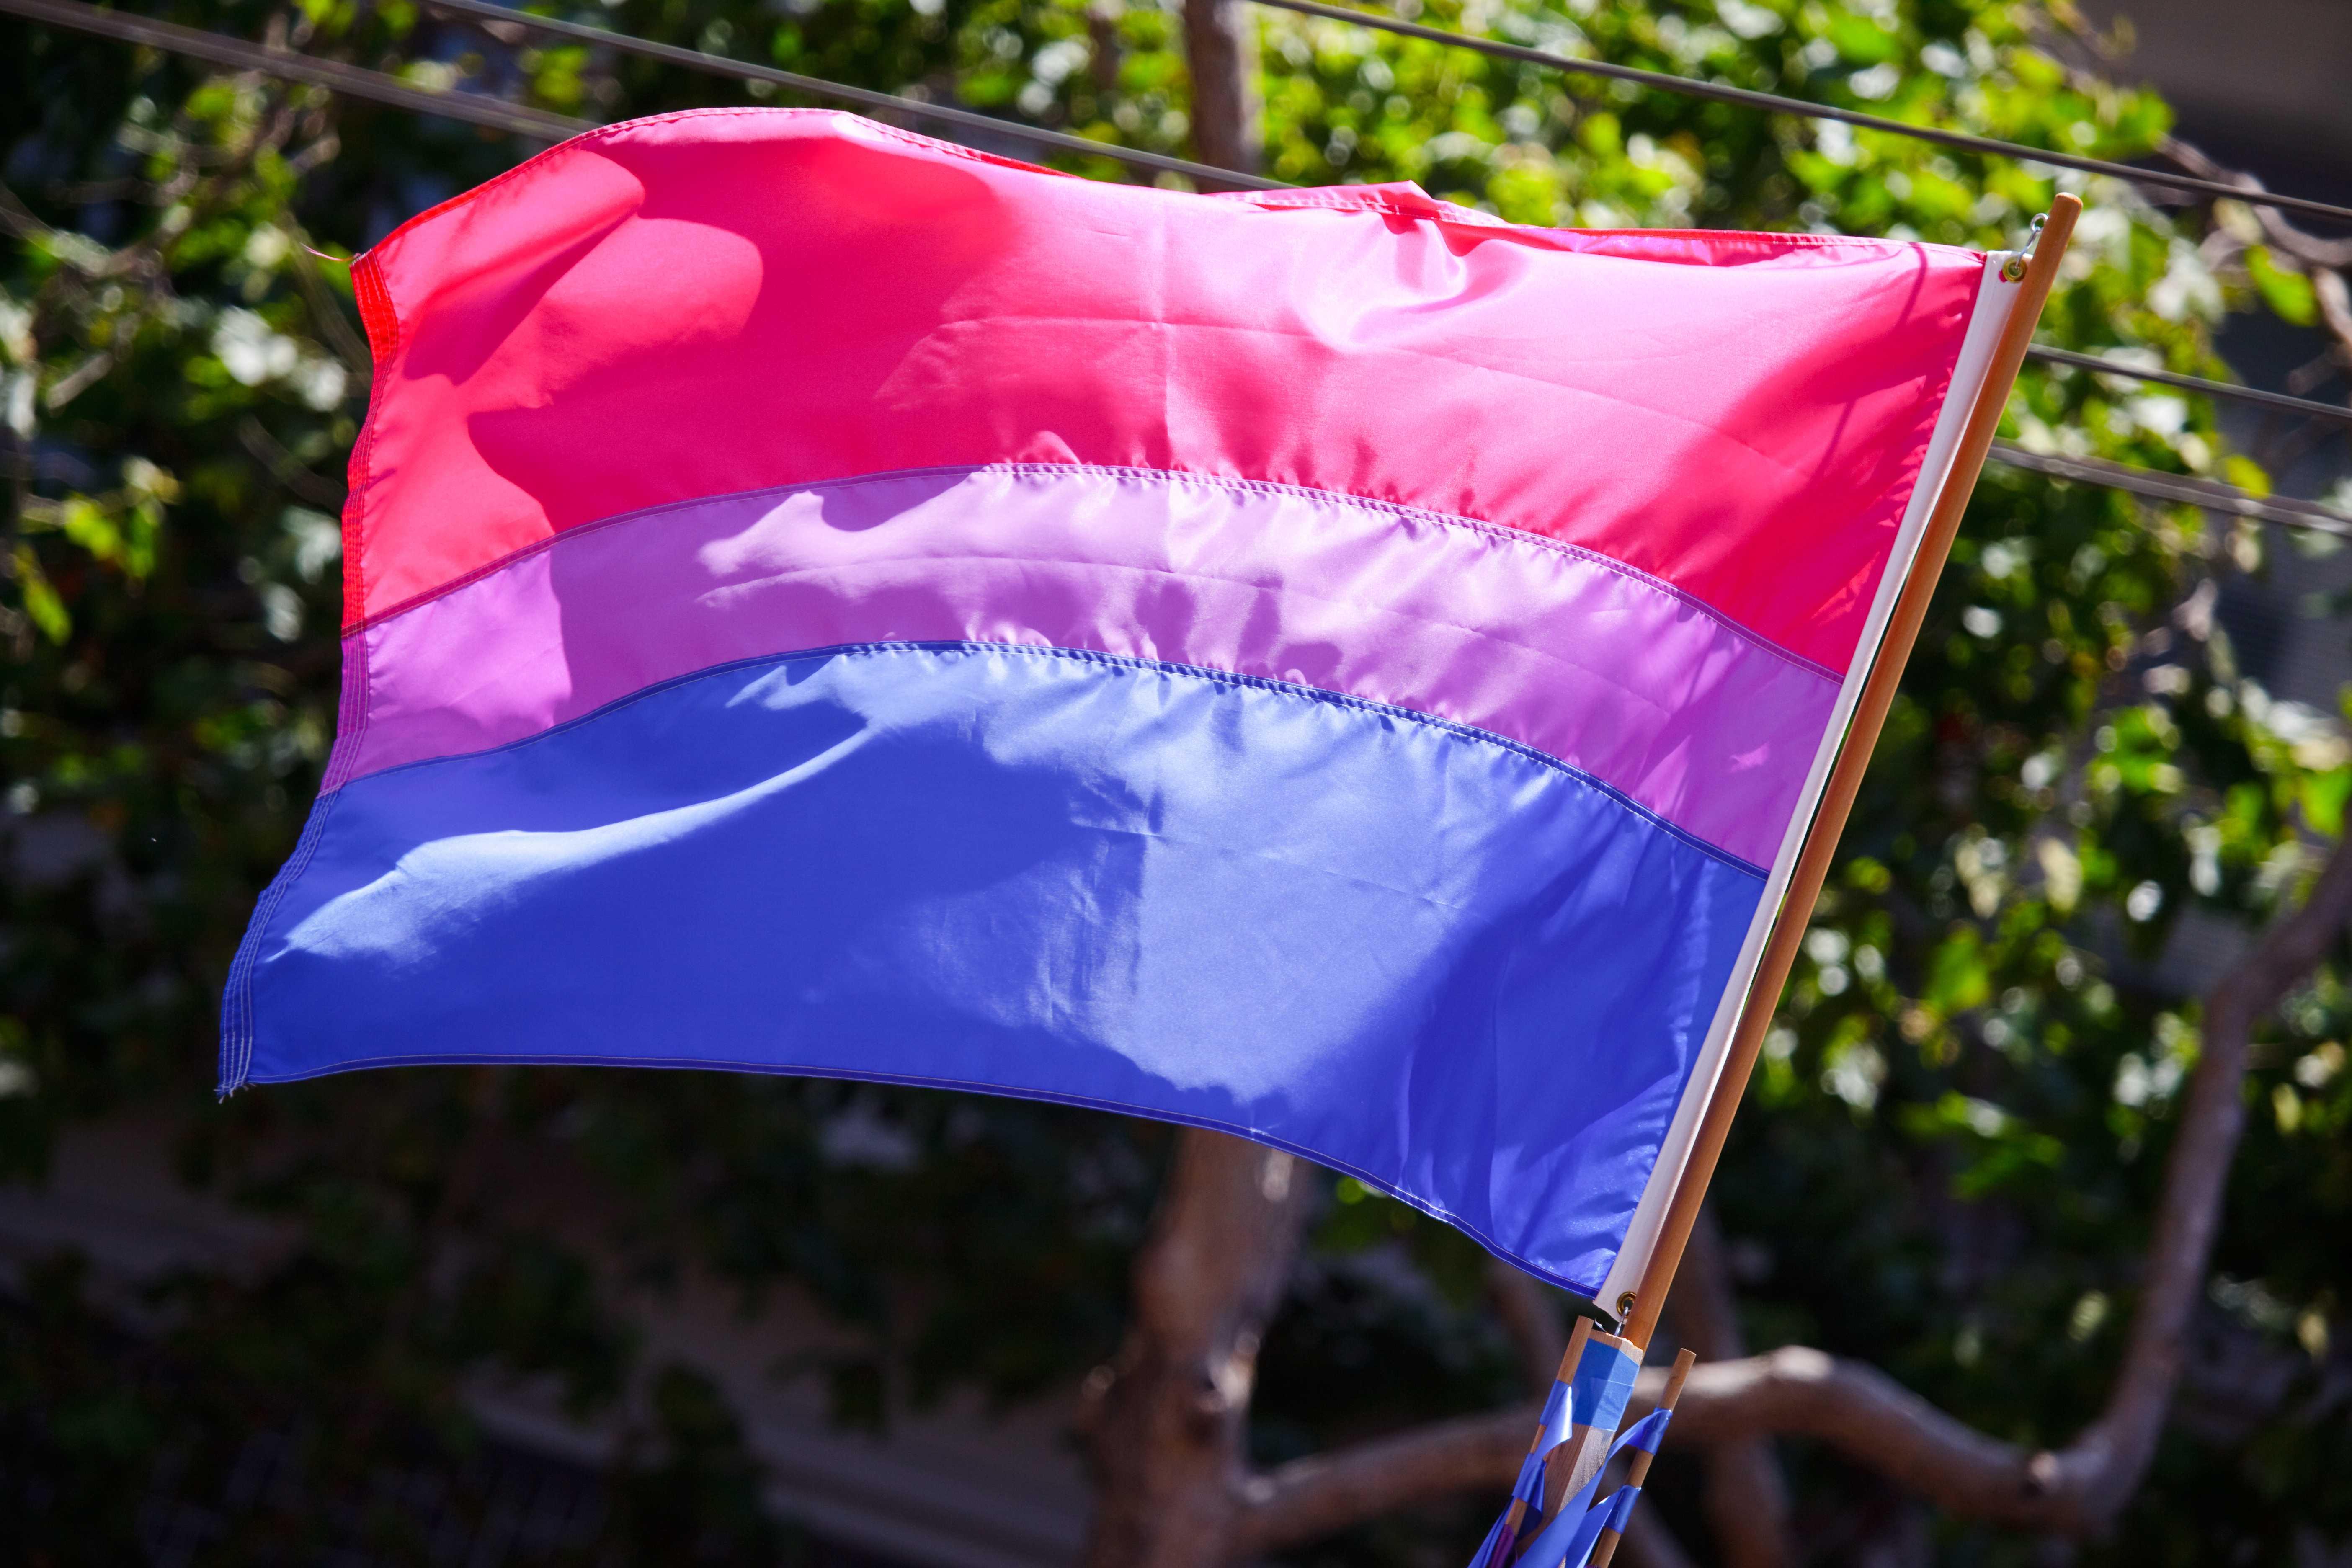 Bisexual clubs in columbus ohio